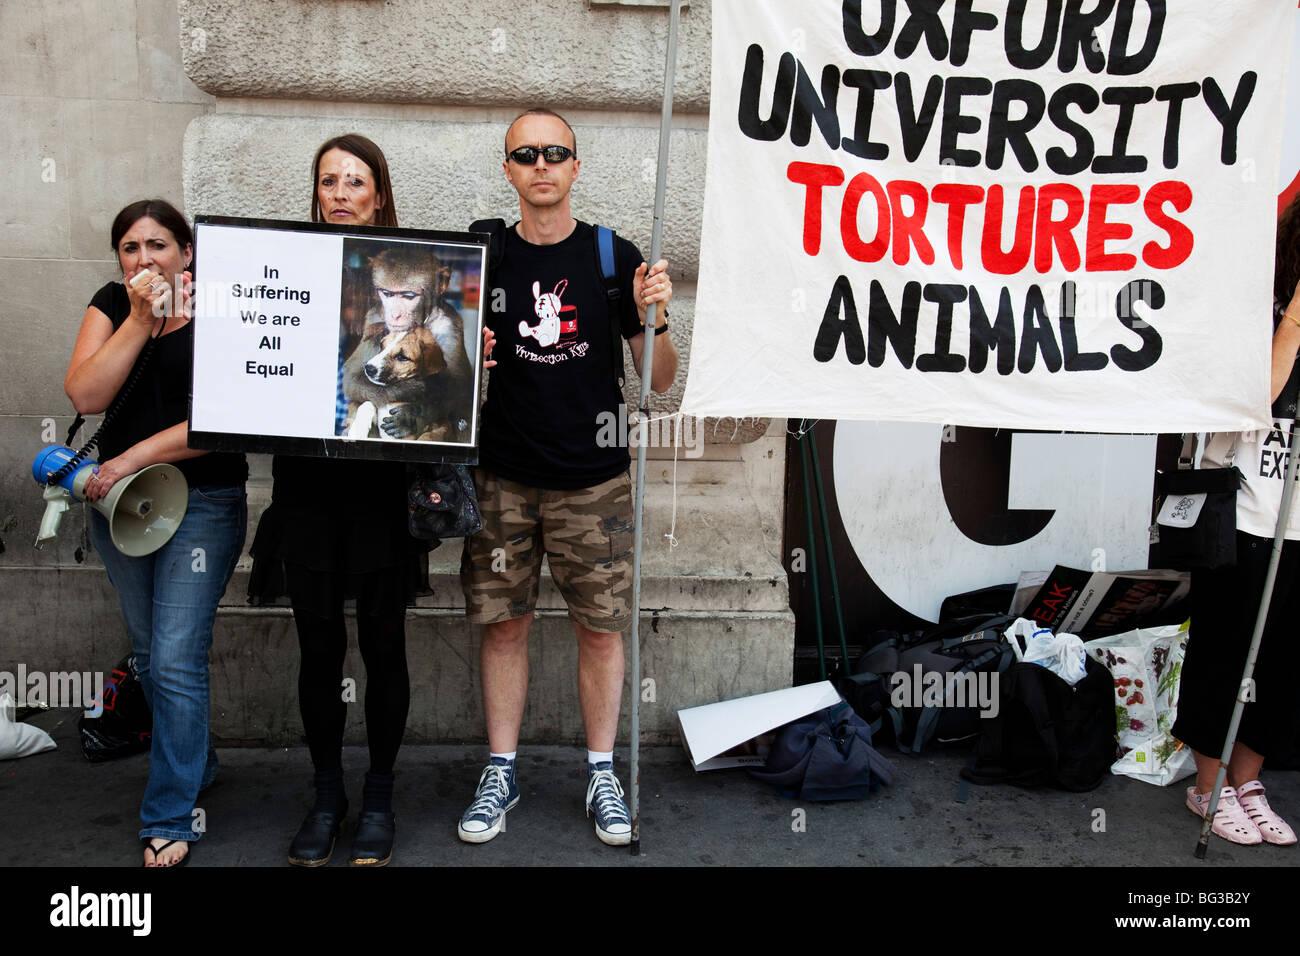 Il benessere degli animali i dimostranti di manifestare contro la sperimentazione animale, il centro di Londra. Immagini Stock